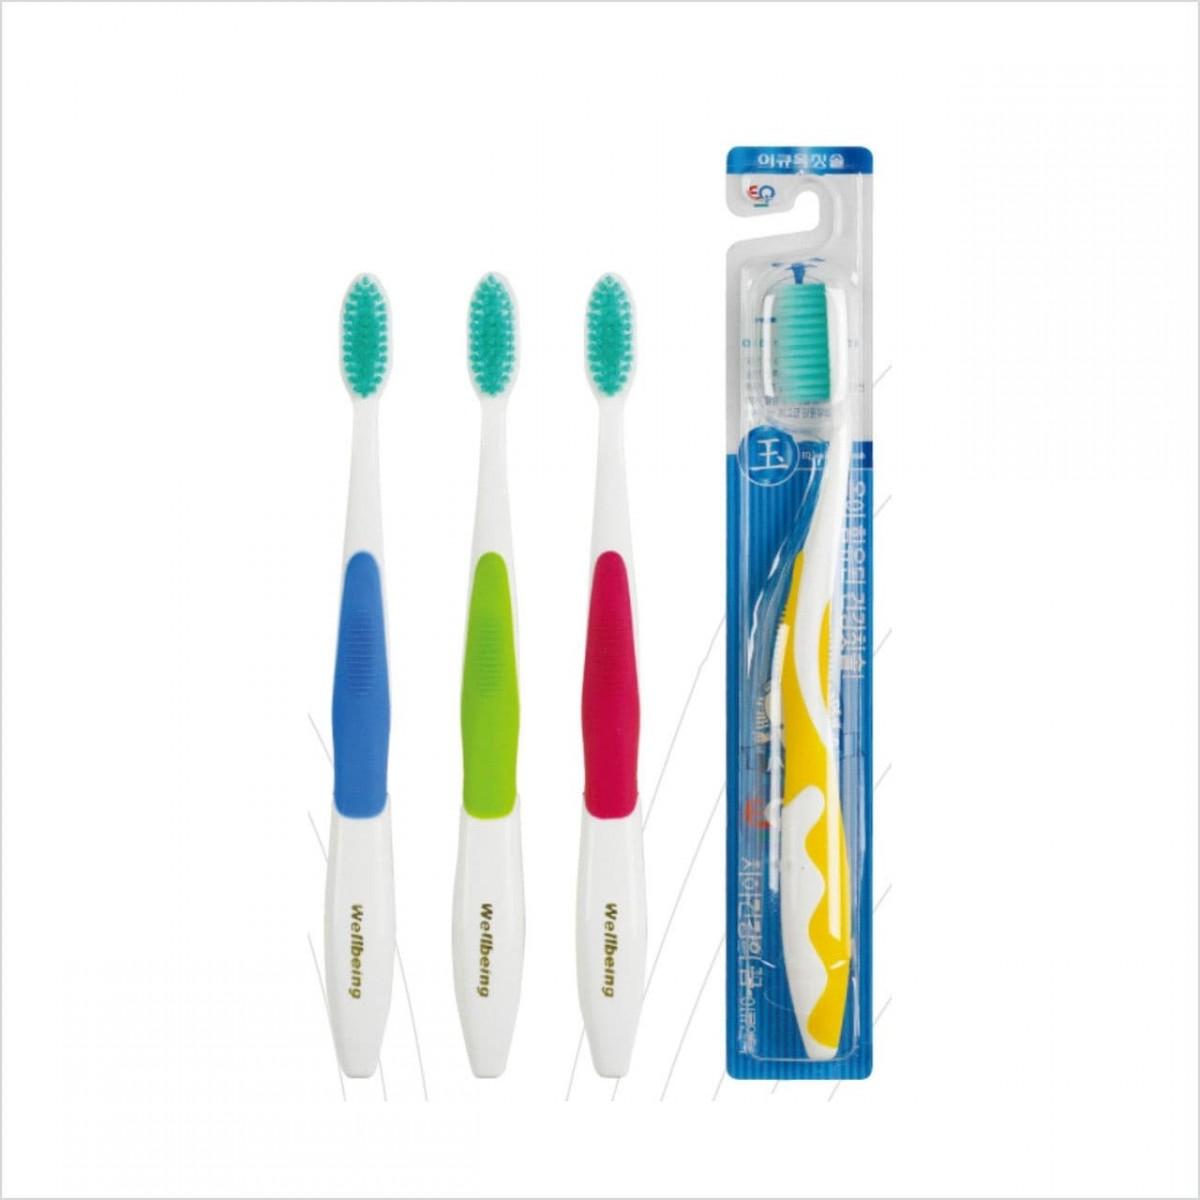 Wellbeing Jade Toothbrush [Kerasys]